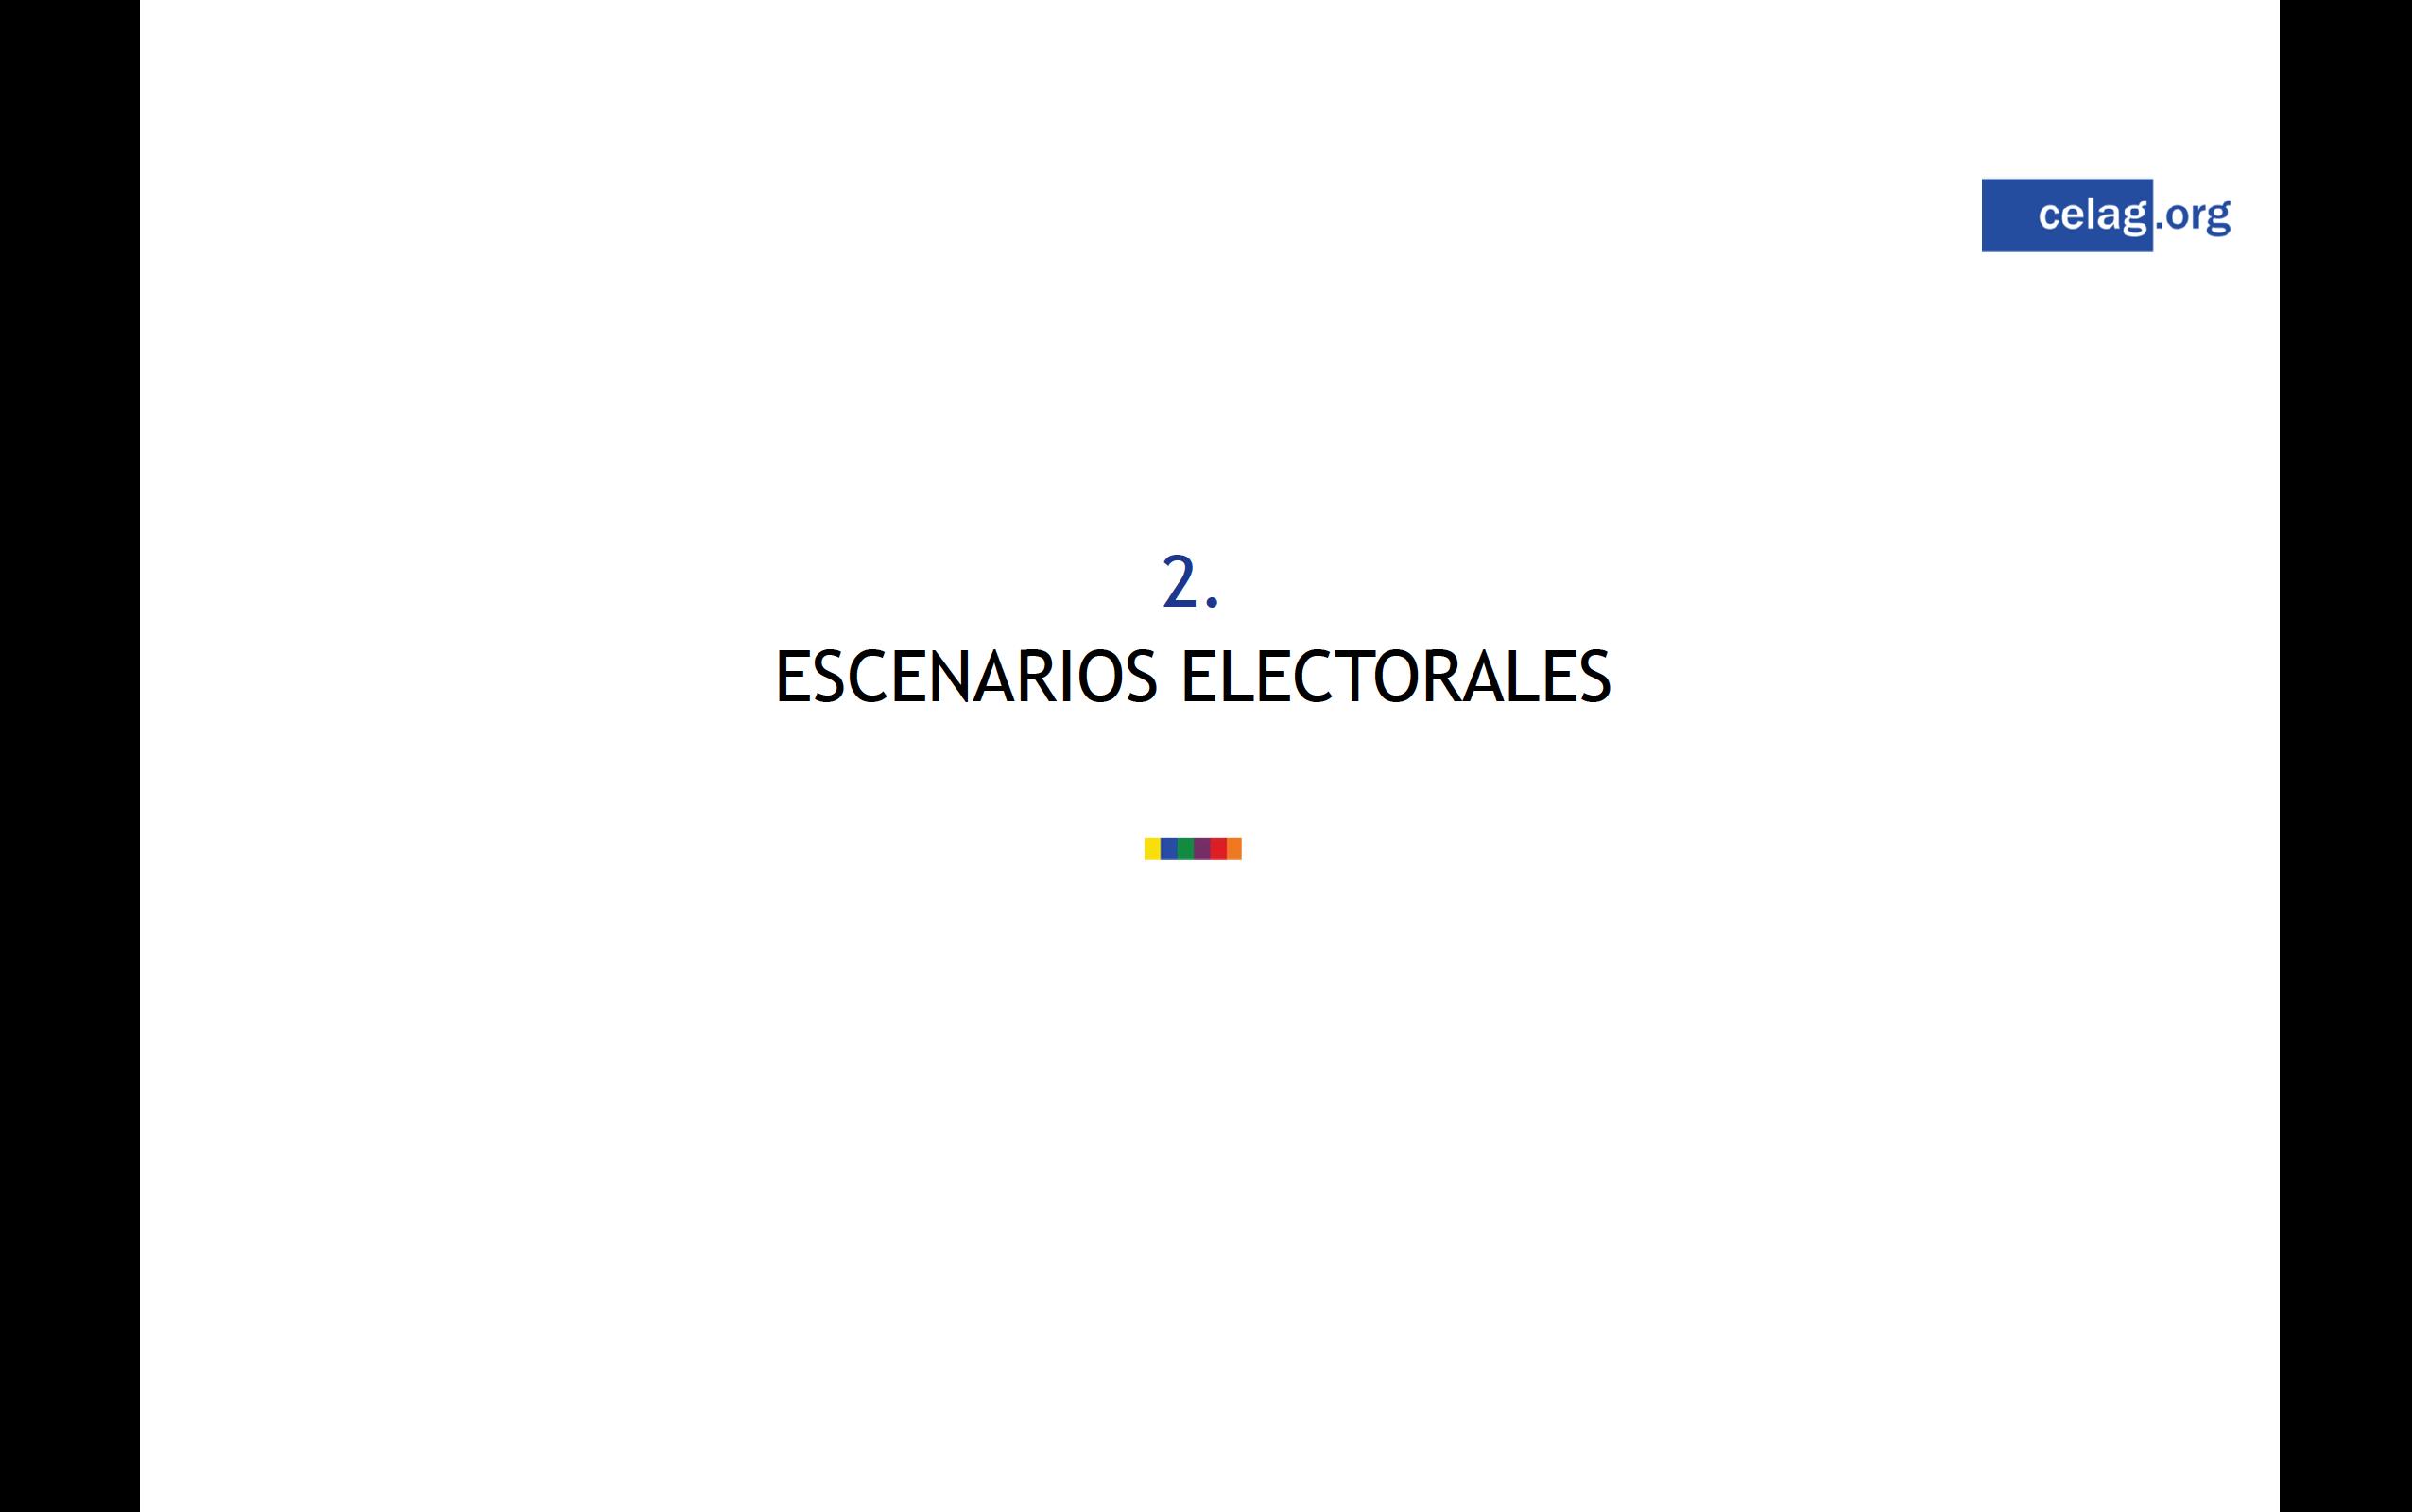 Escenarios electorales Colombia